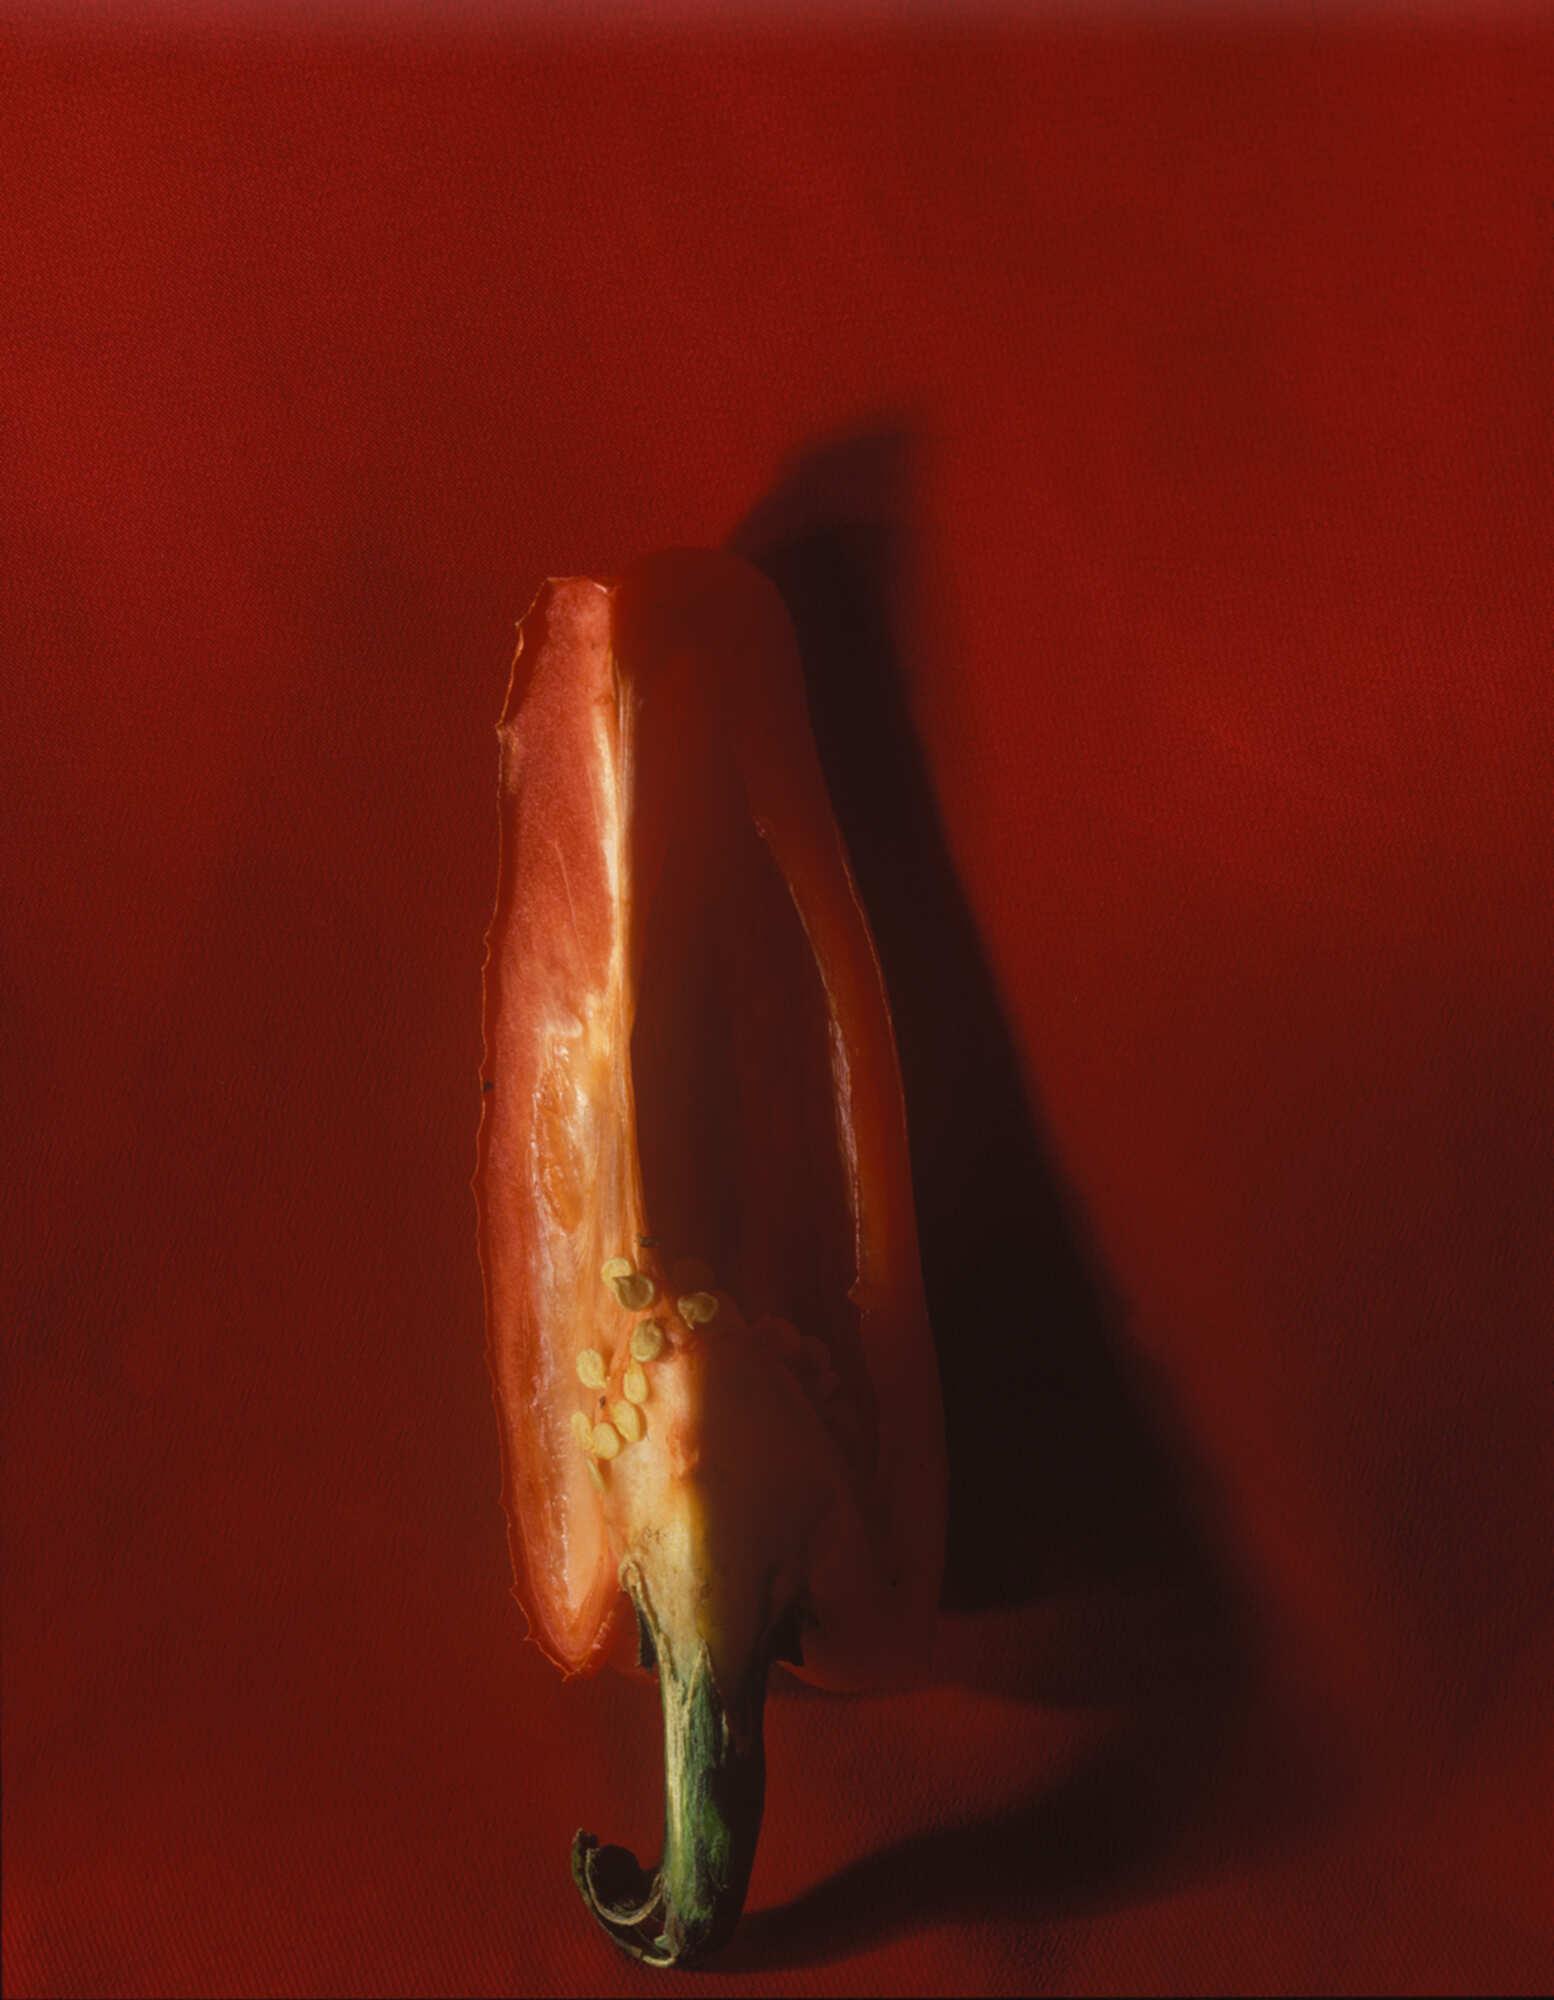 Винтажная фотография с изображением перца